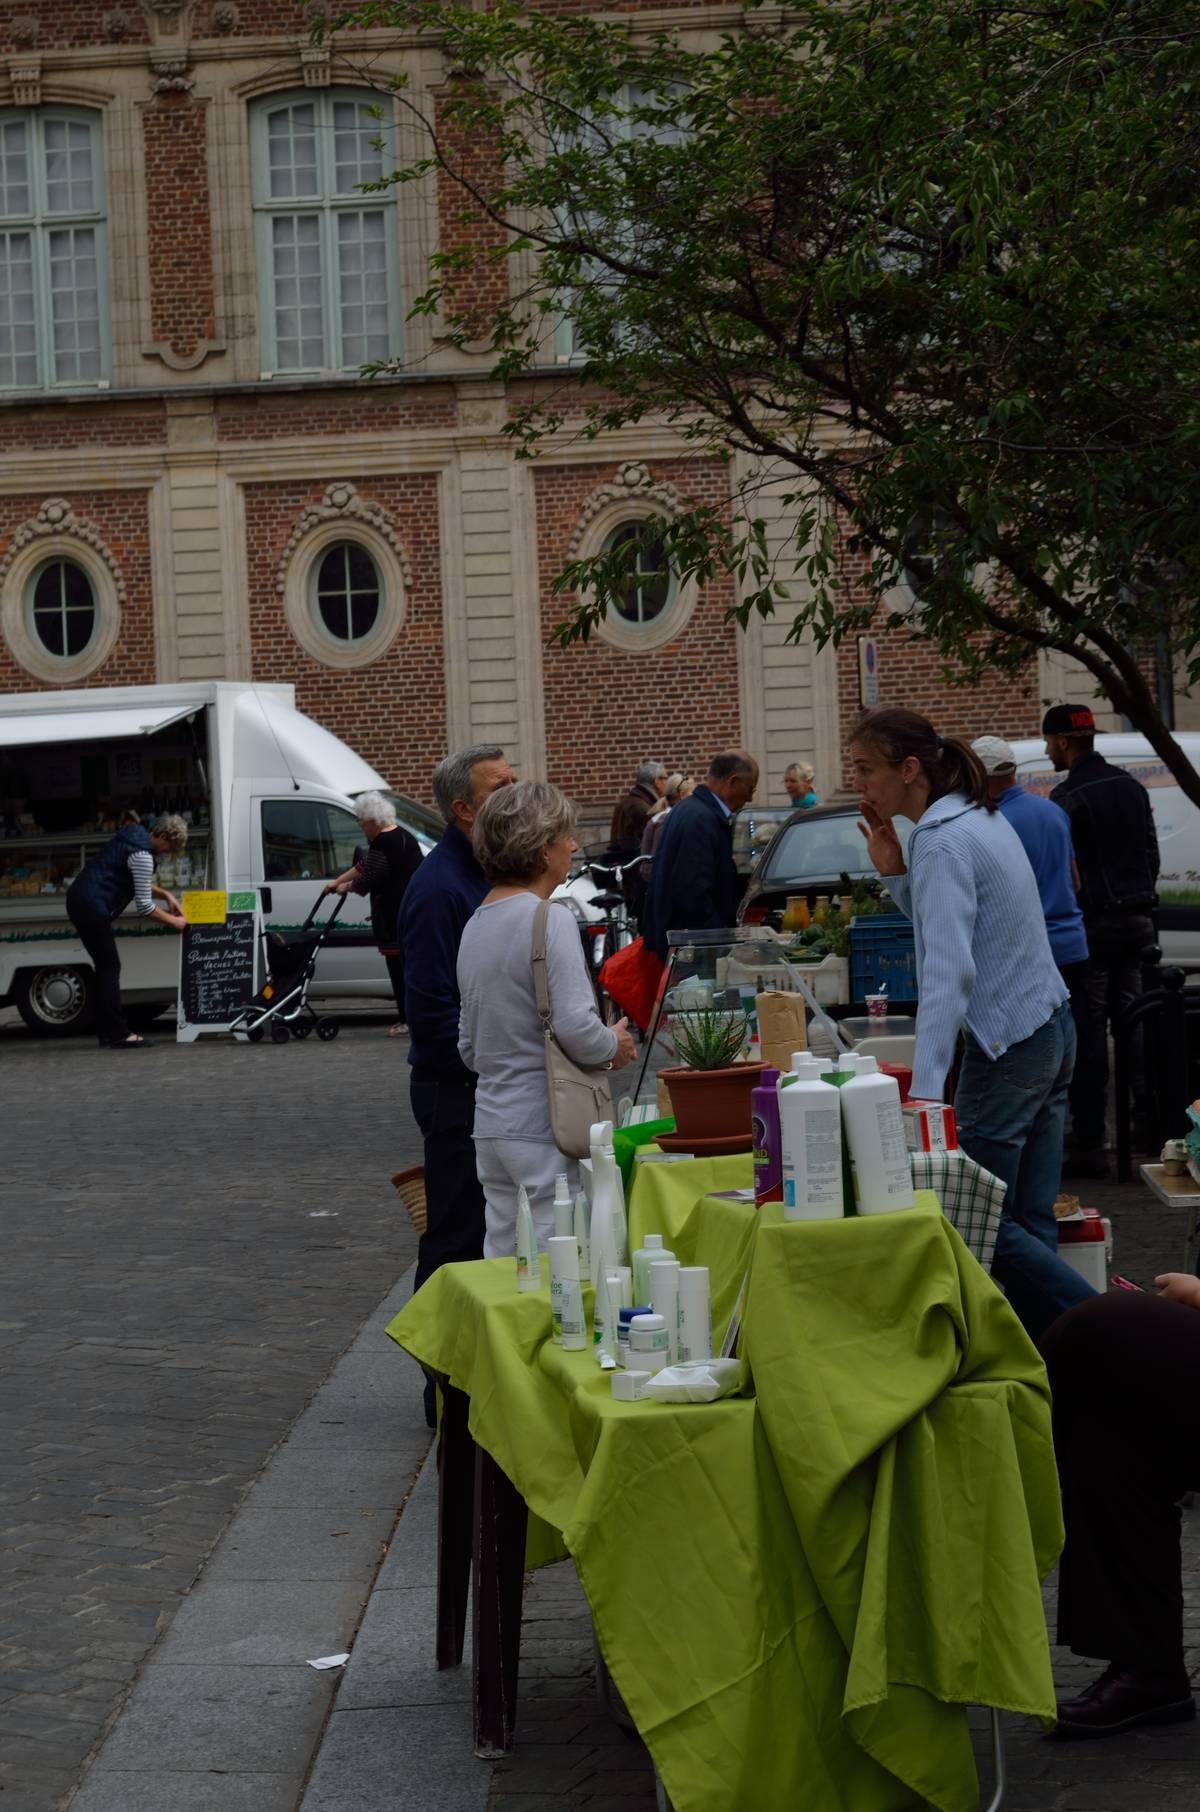 Les march s office de tourisme valenciennes tourisme congr s - Office tourisme valenciennes ...